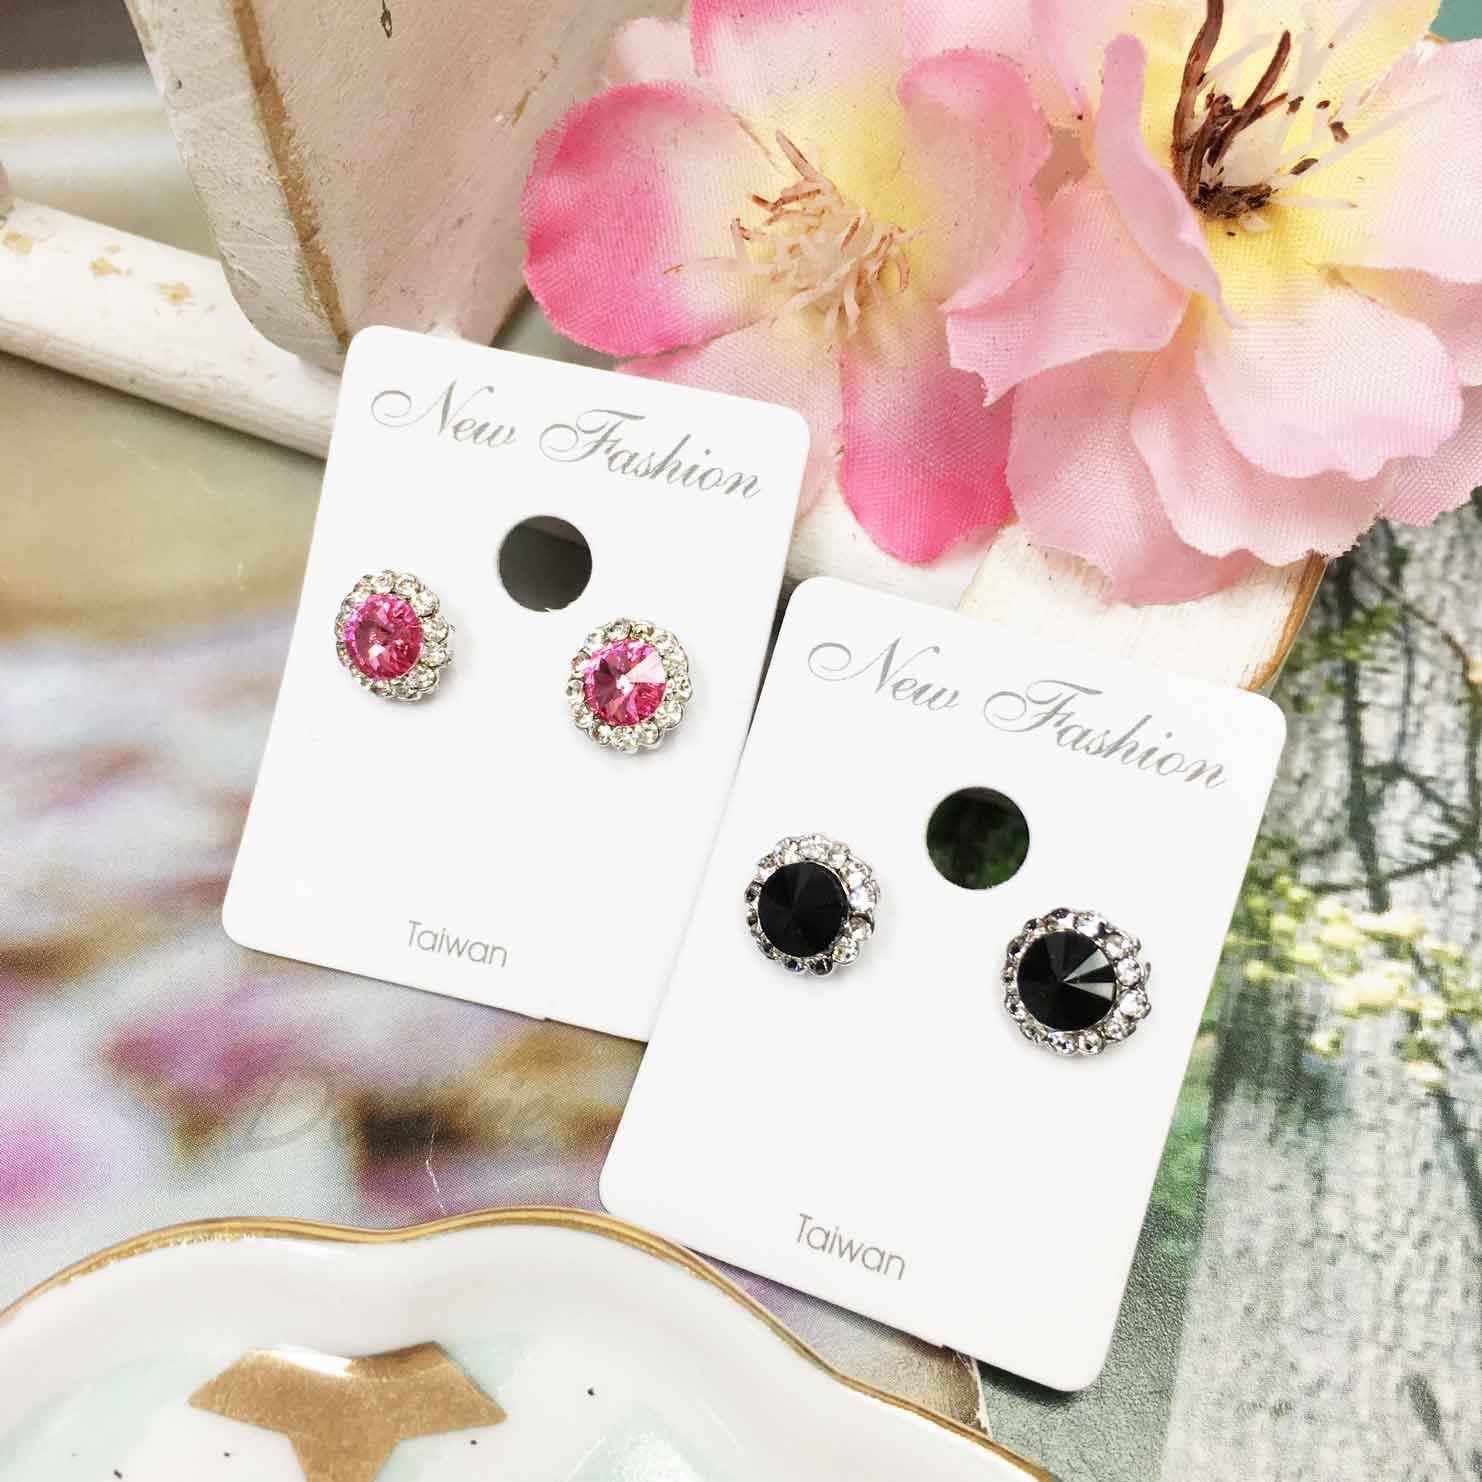 閃耀單鑽 水鑽 白鑽包邊 粉鑽黑鑽 2色 精緻耳針式耳環